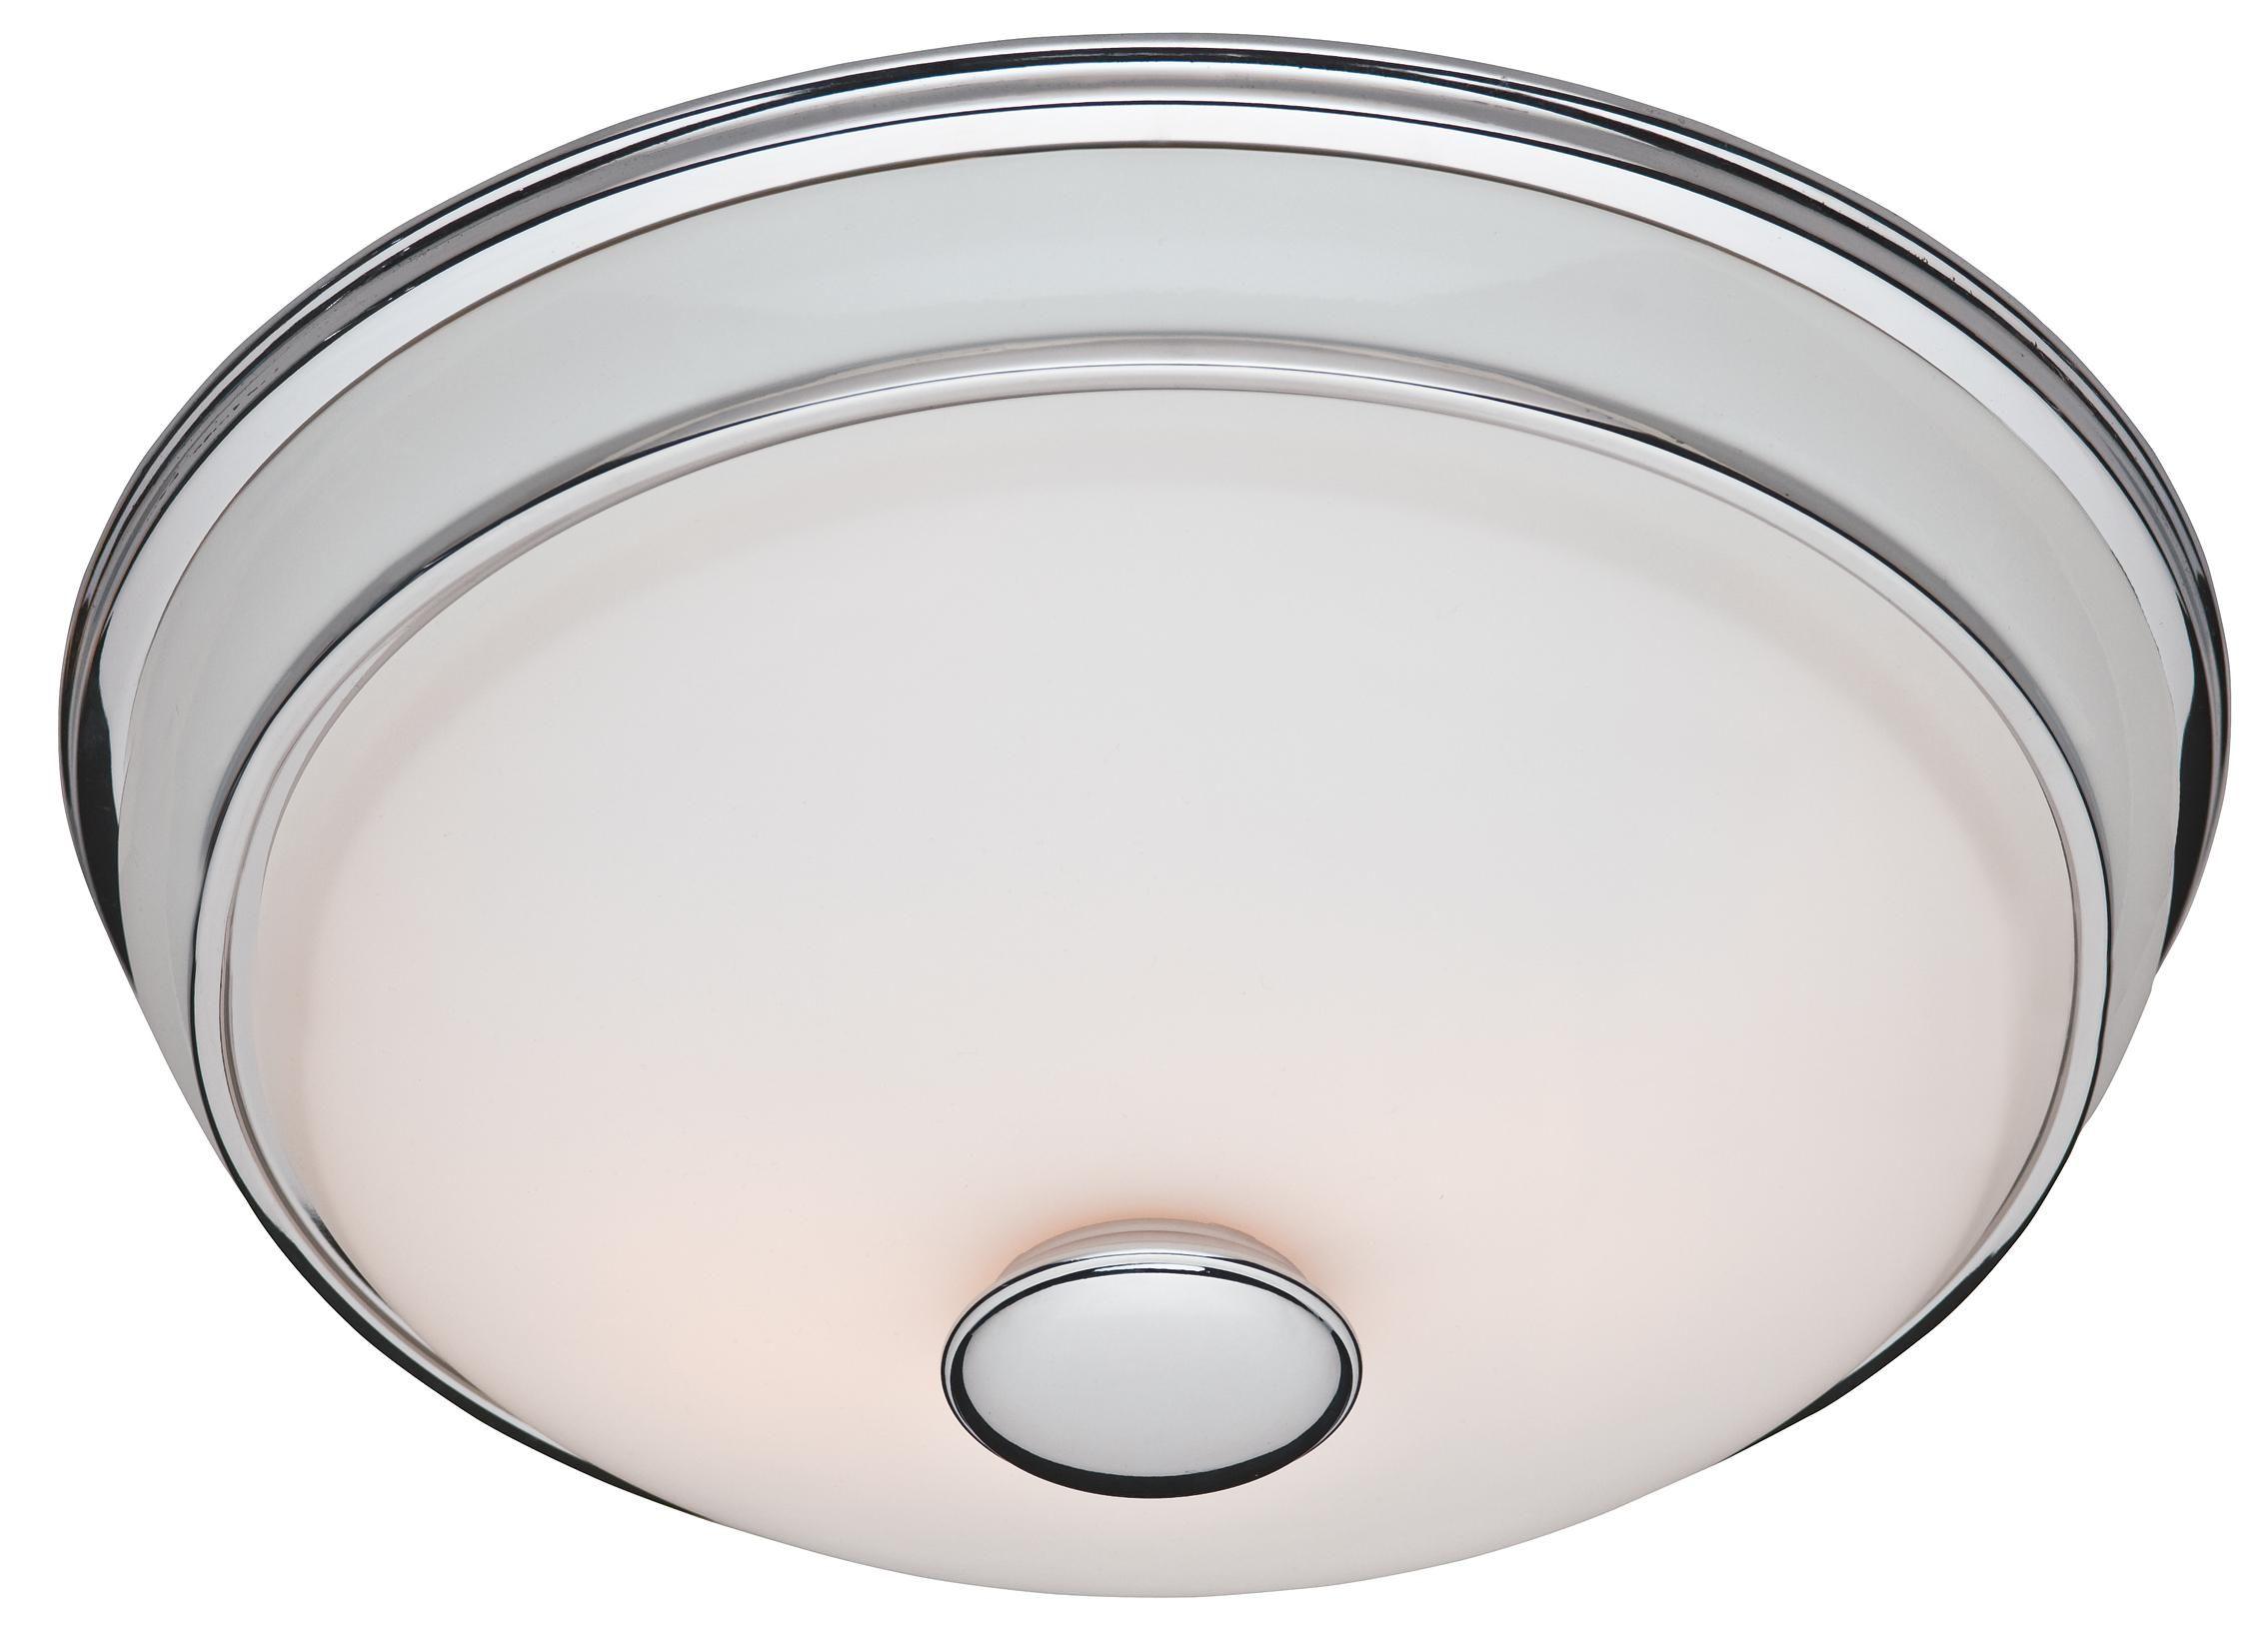 Bathroom Exhaust Fan, Vent Fan, Bath Fan, Bath Light